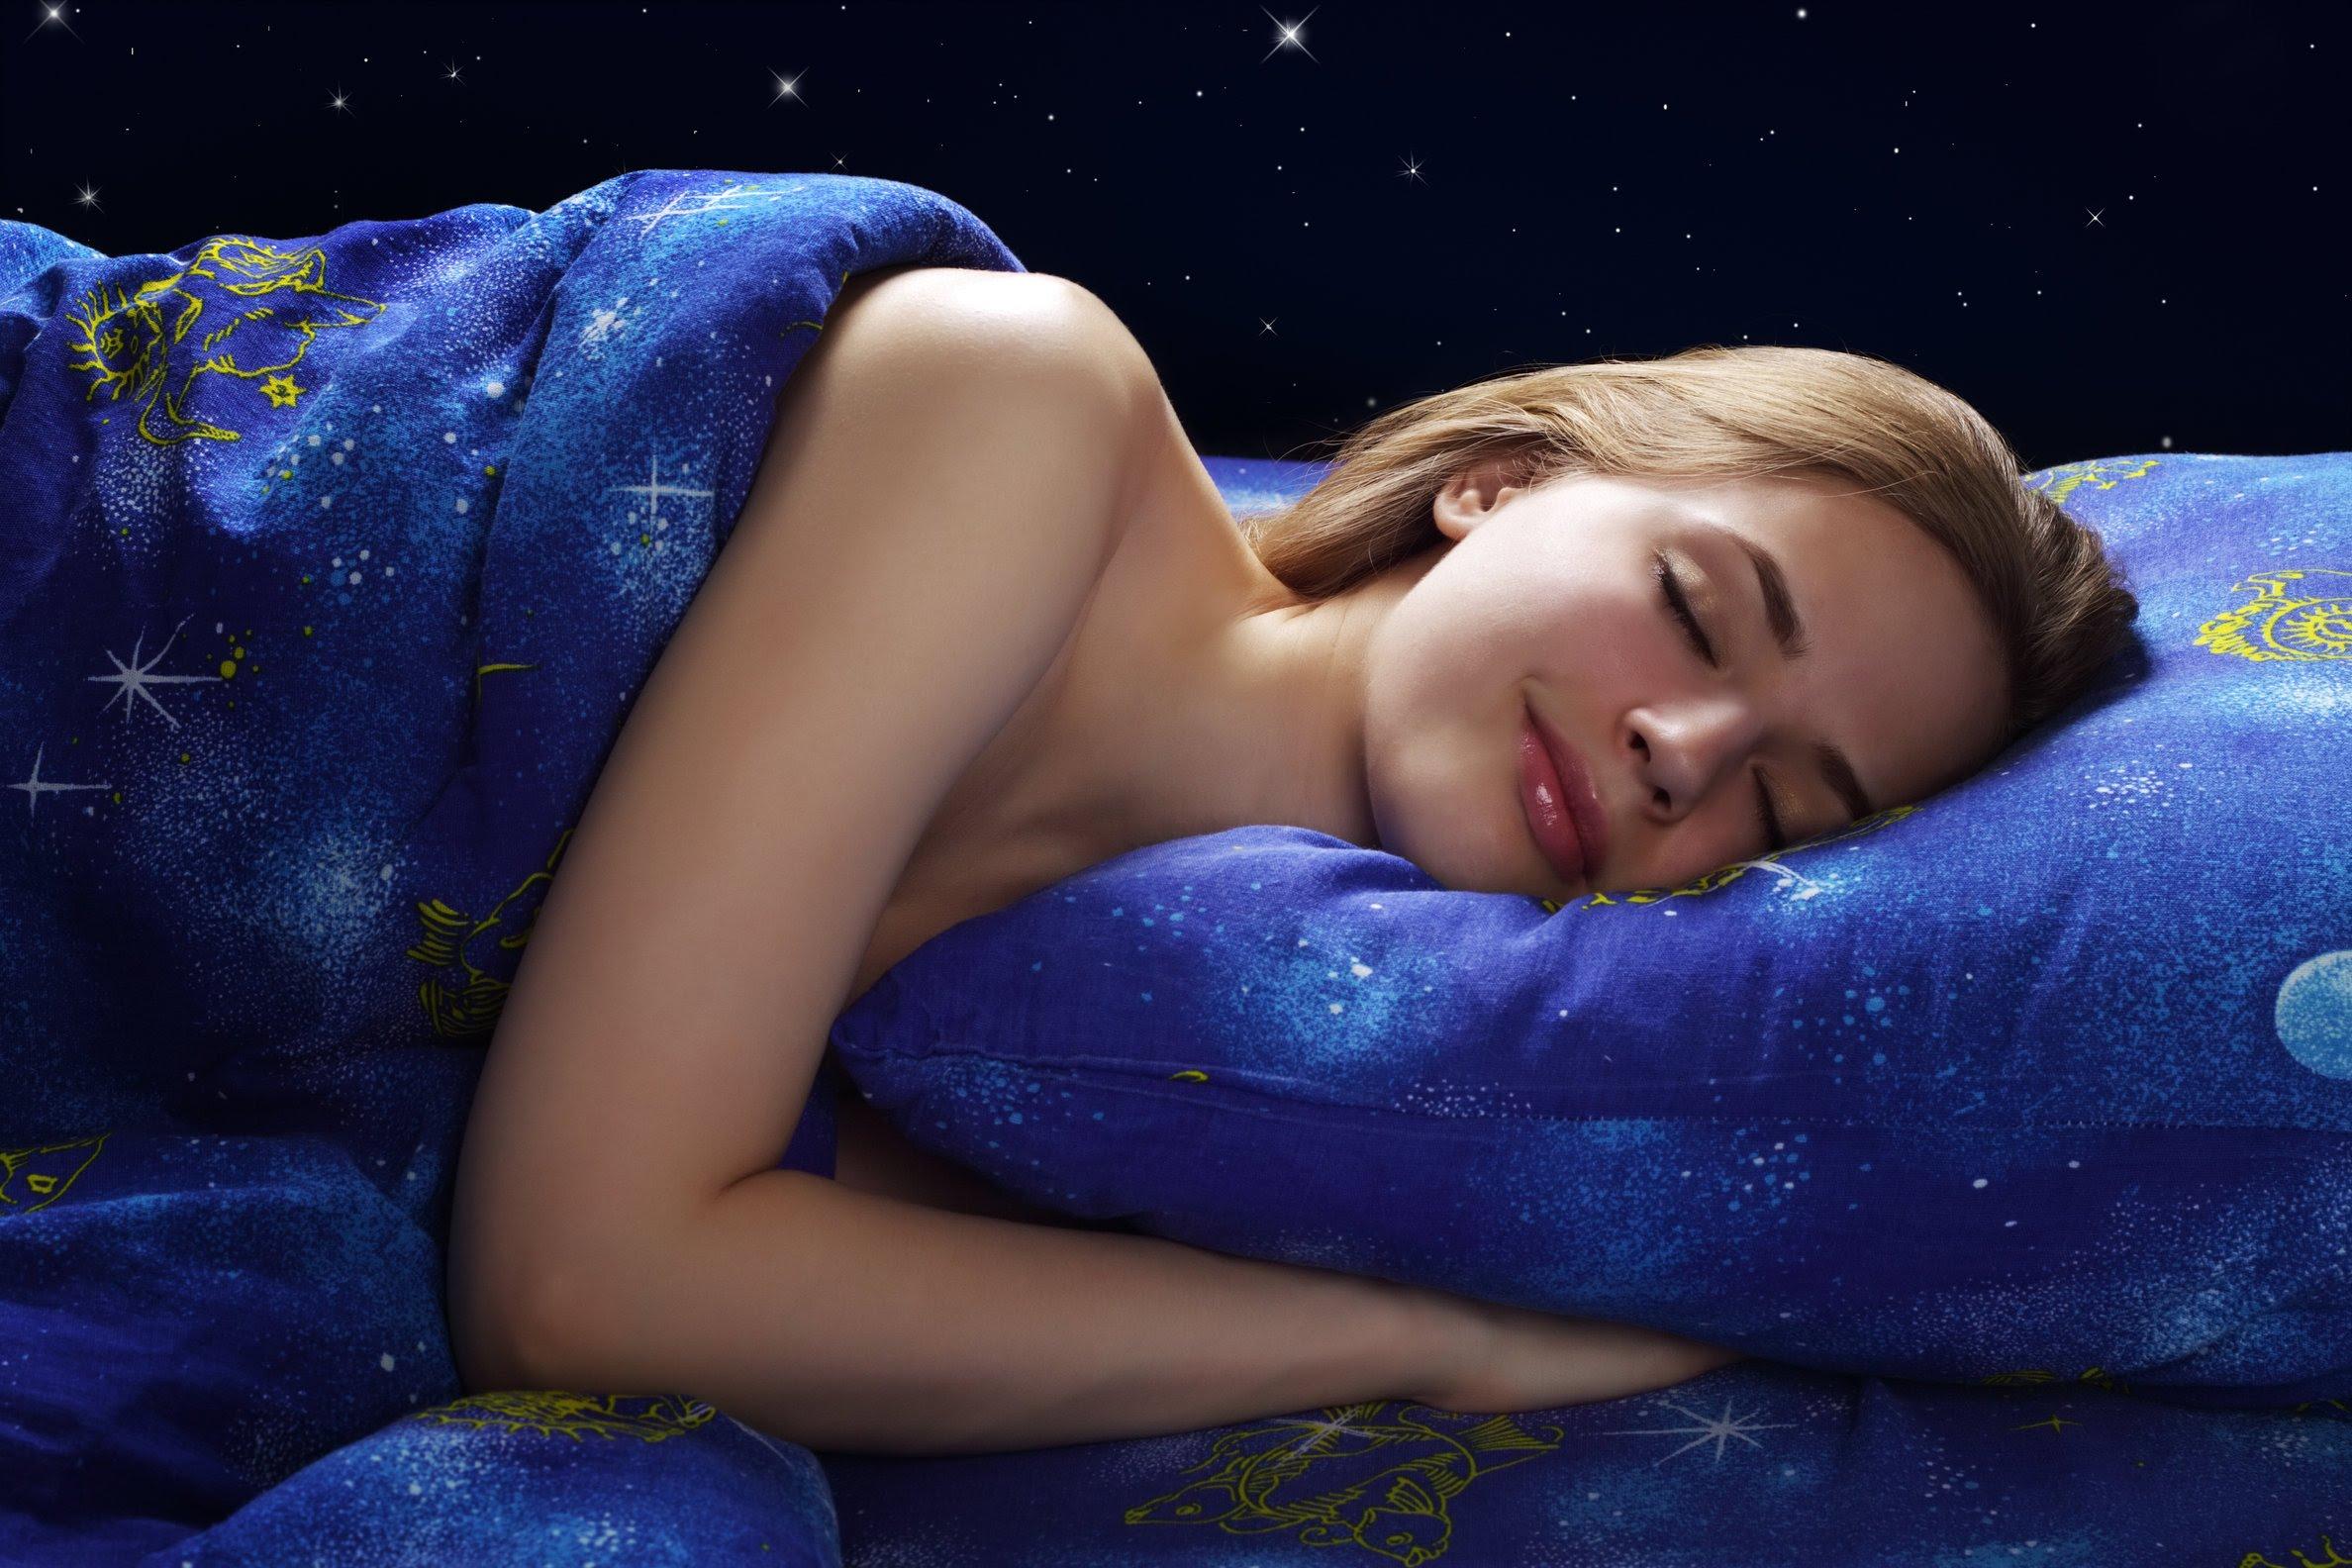 Фото спящей женщины, Спящие голые жены подборка фото частные секс фото 17 фотография